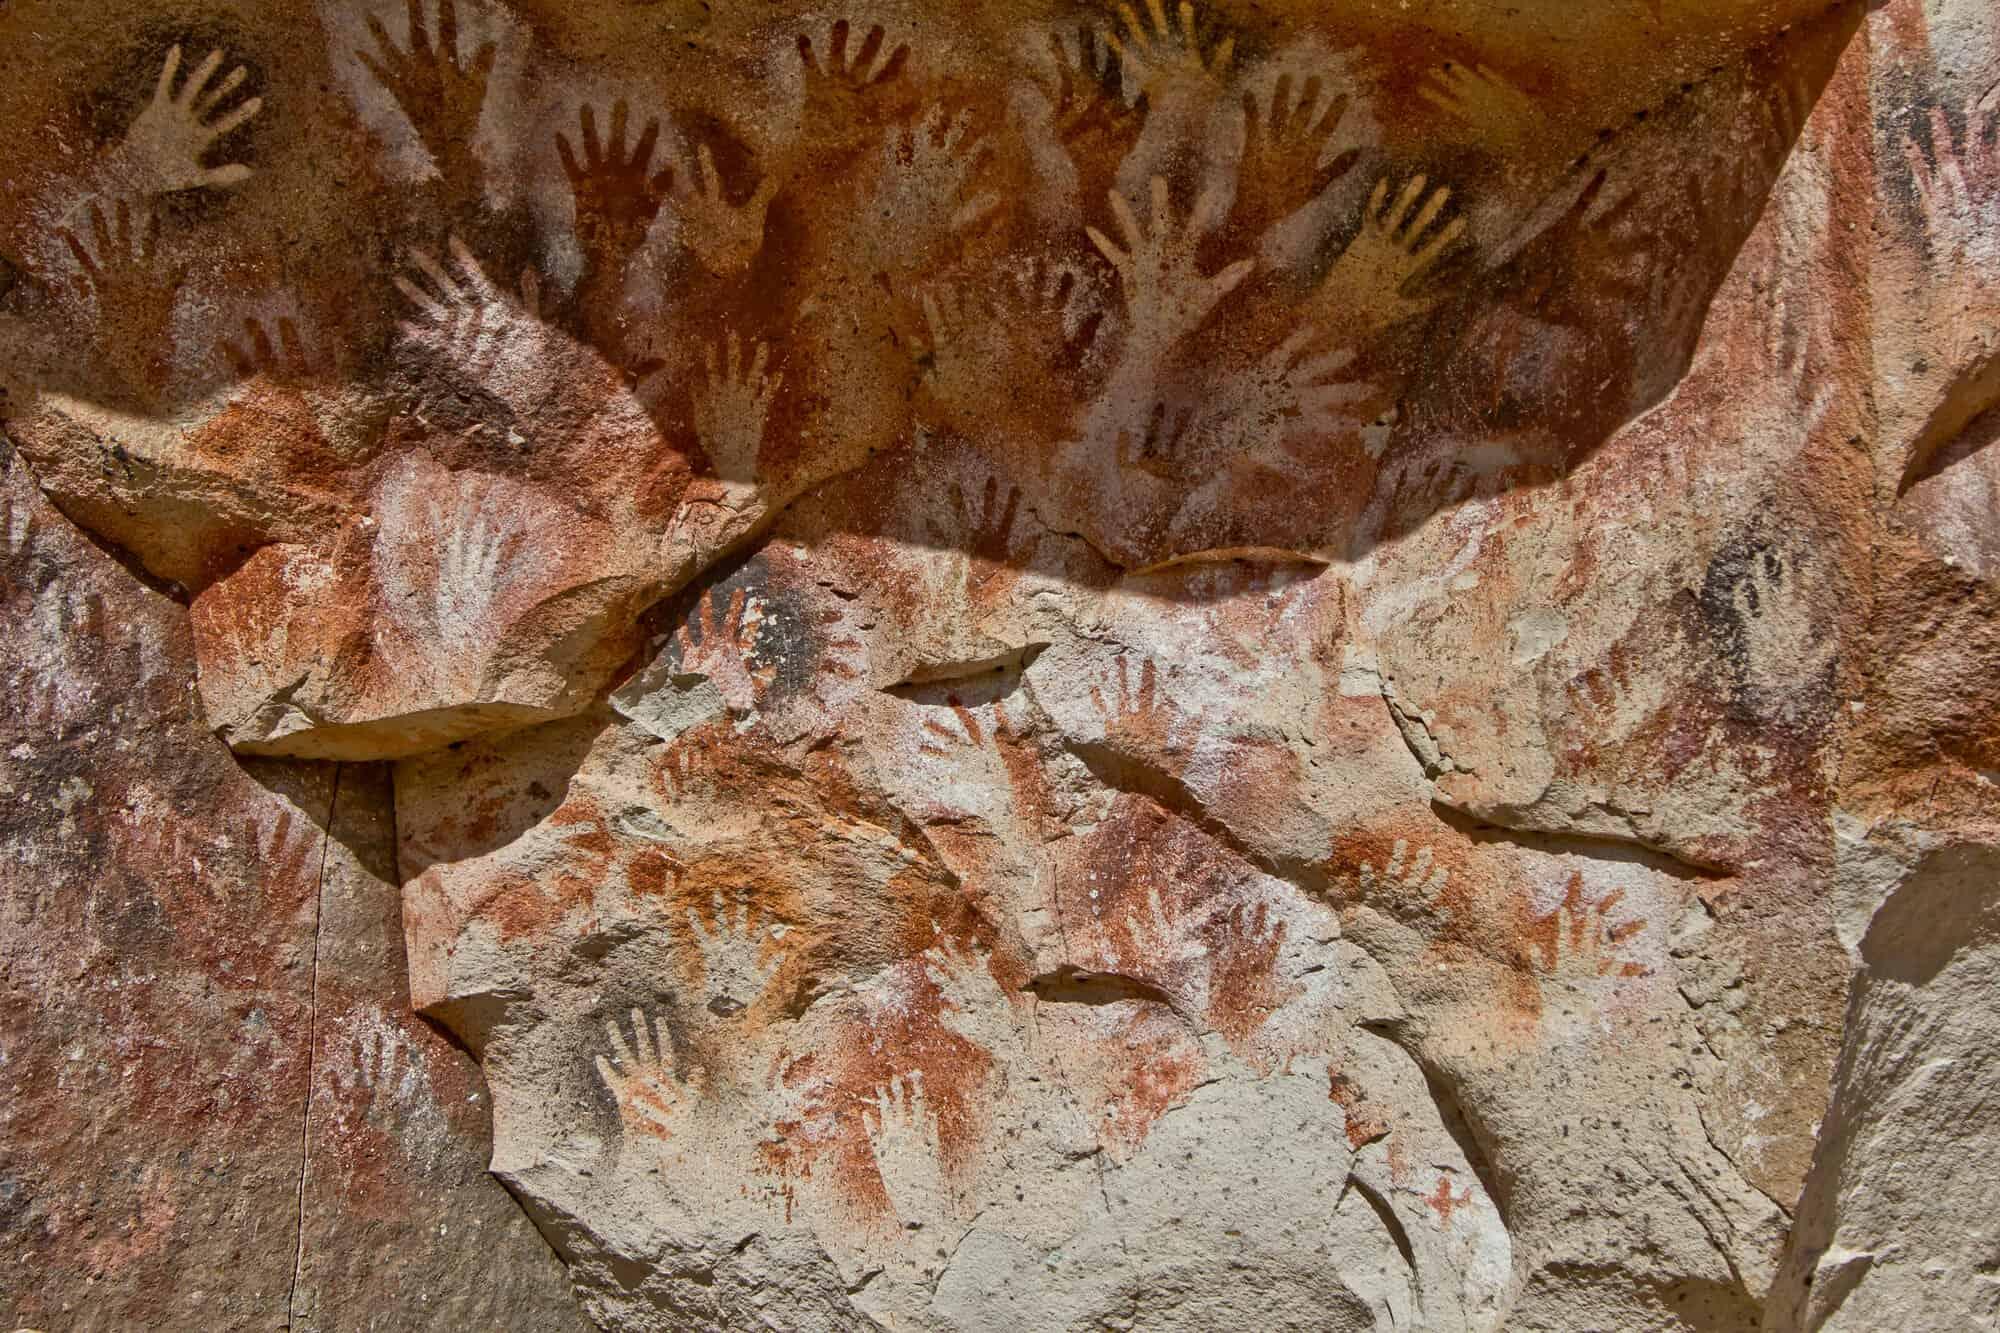 Cueva de las manos, Santa Cruz